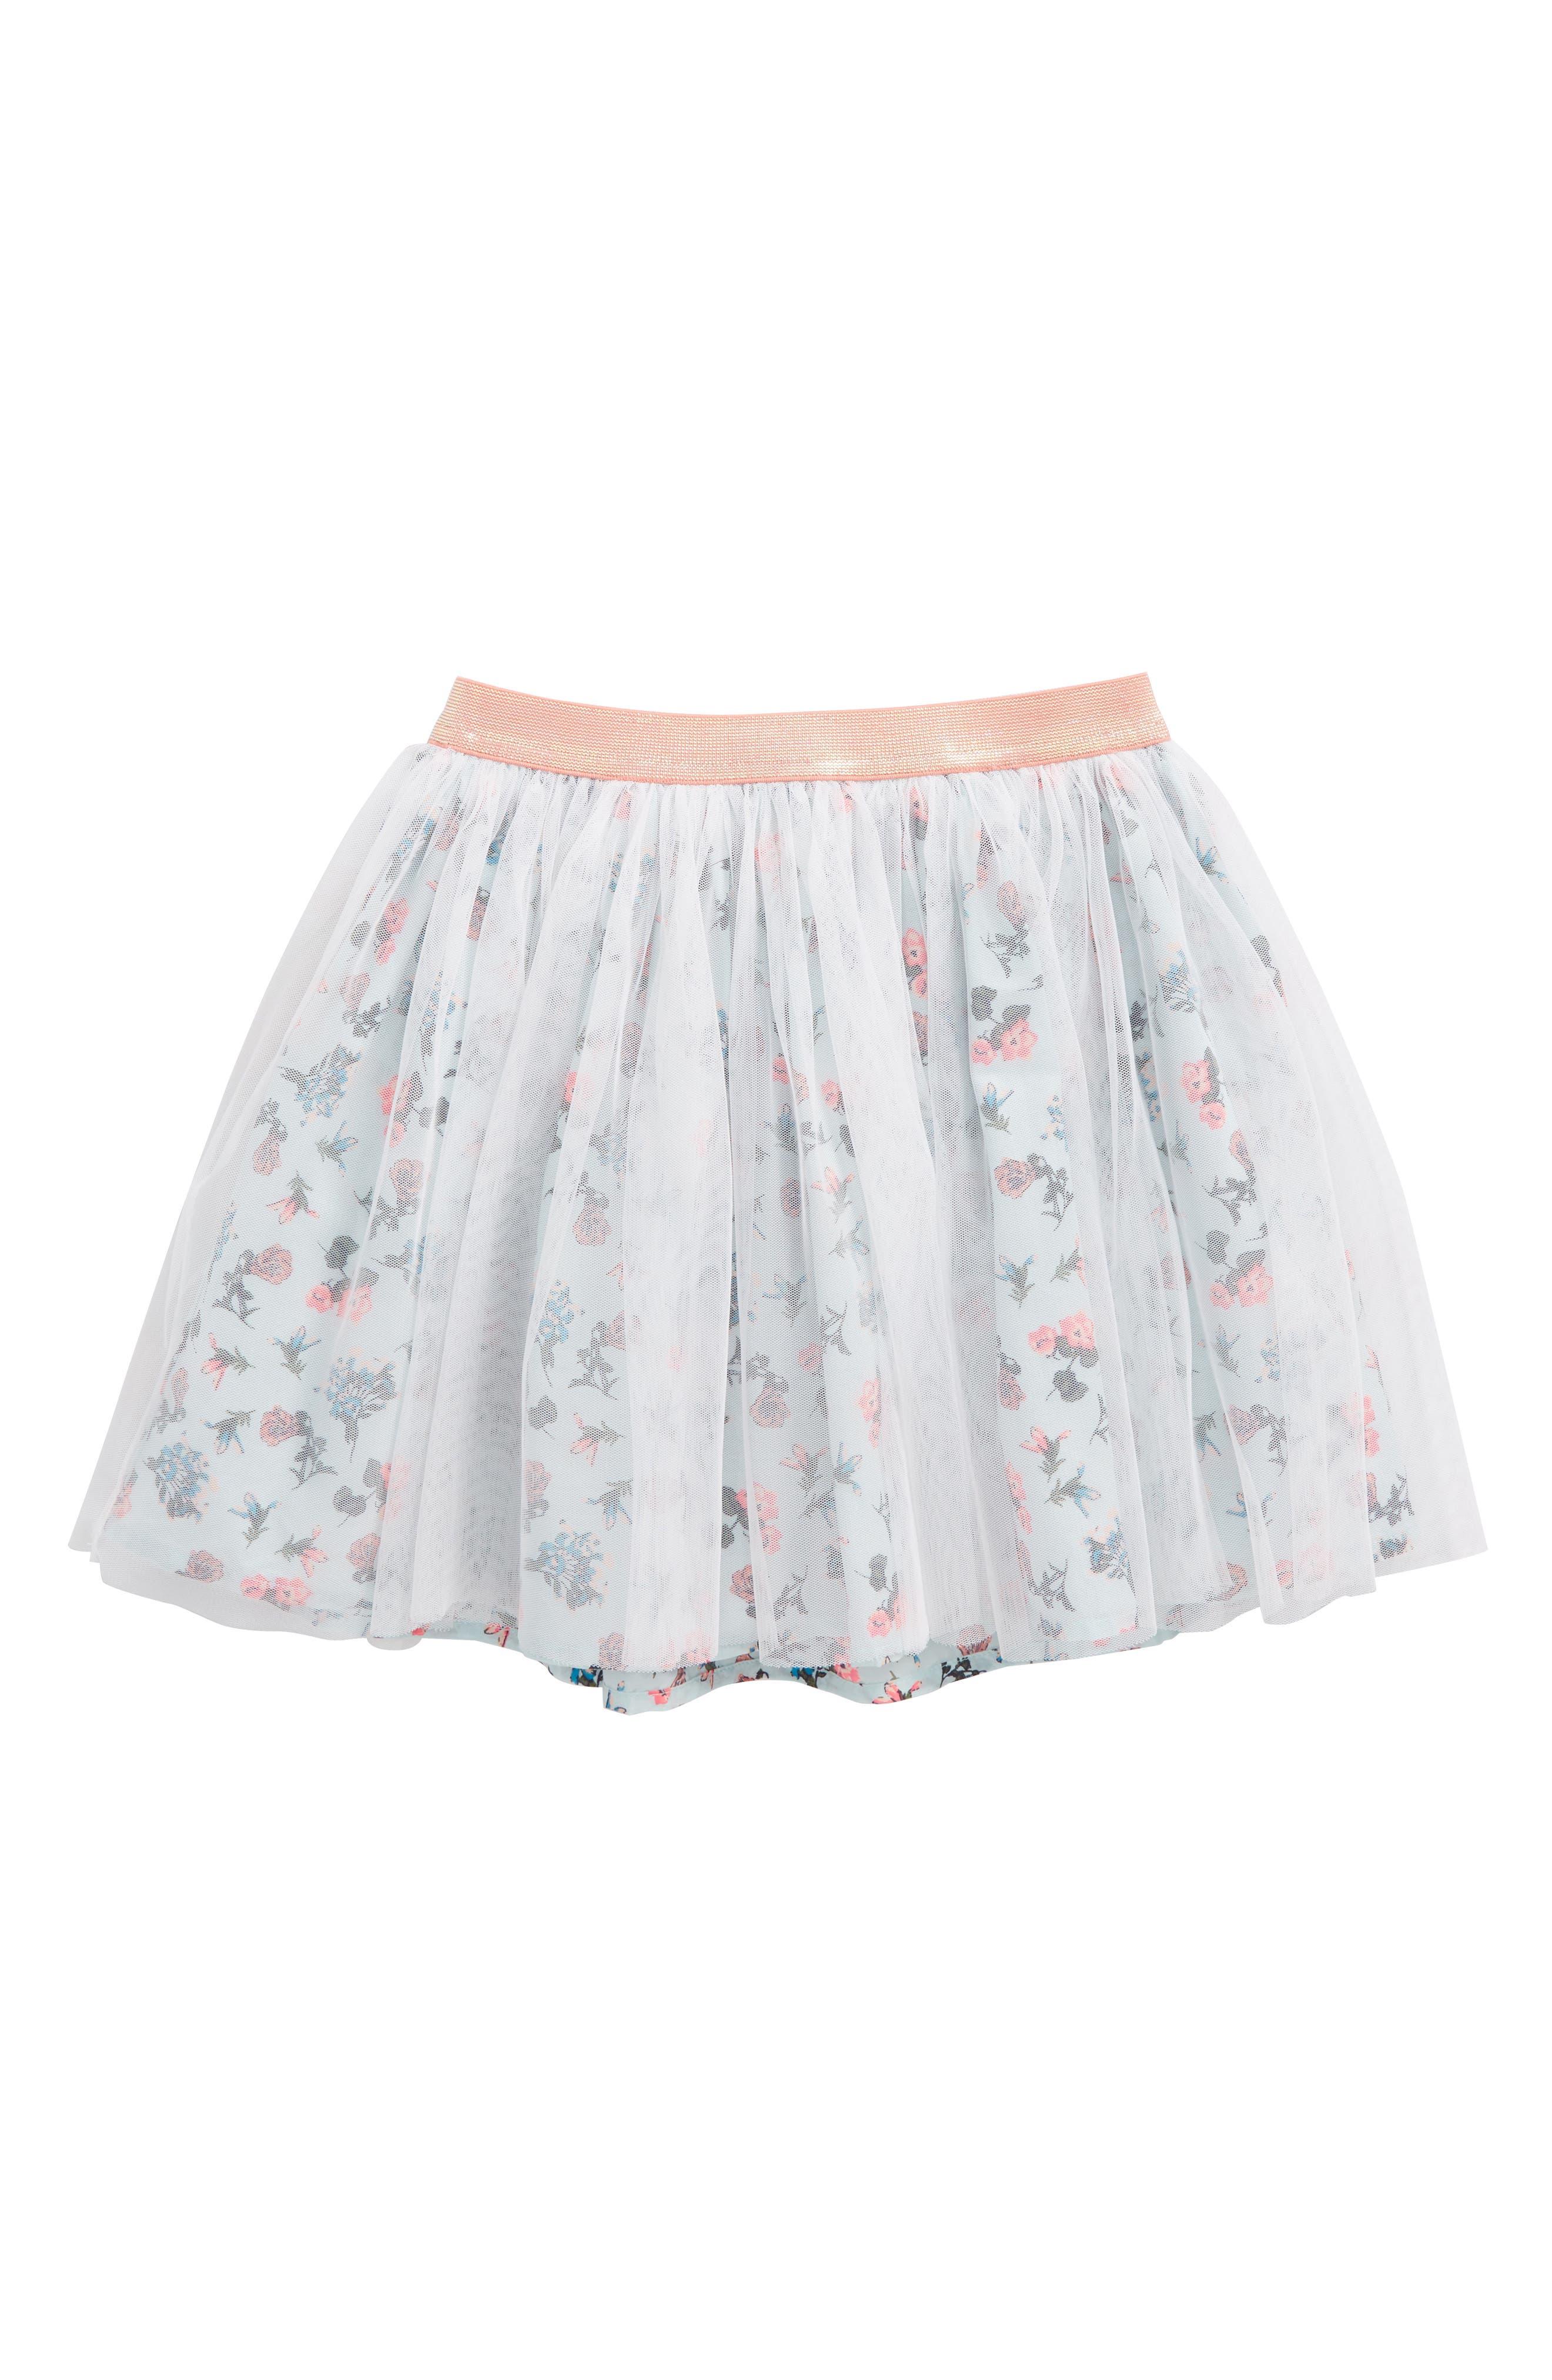 Main Image - Tucker + Tate Floral Tulle Skirt (Toddler Girls, Little Girls & Big Girls)